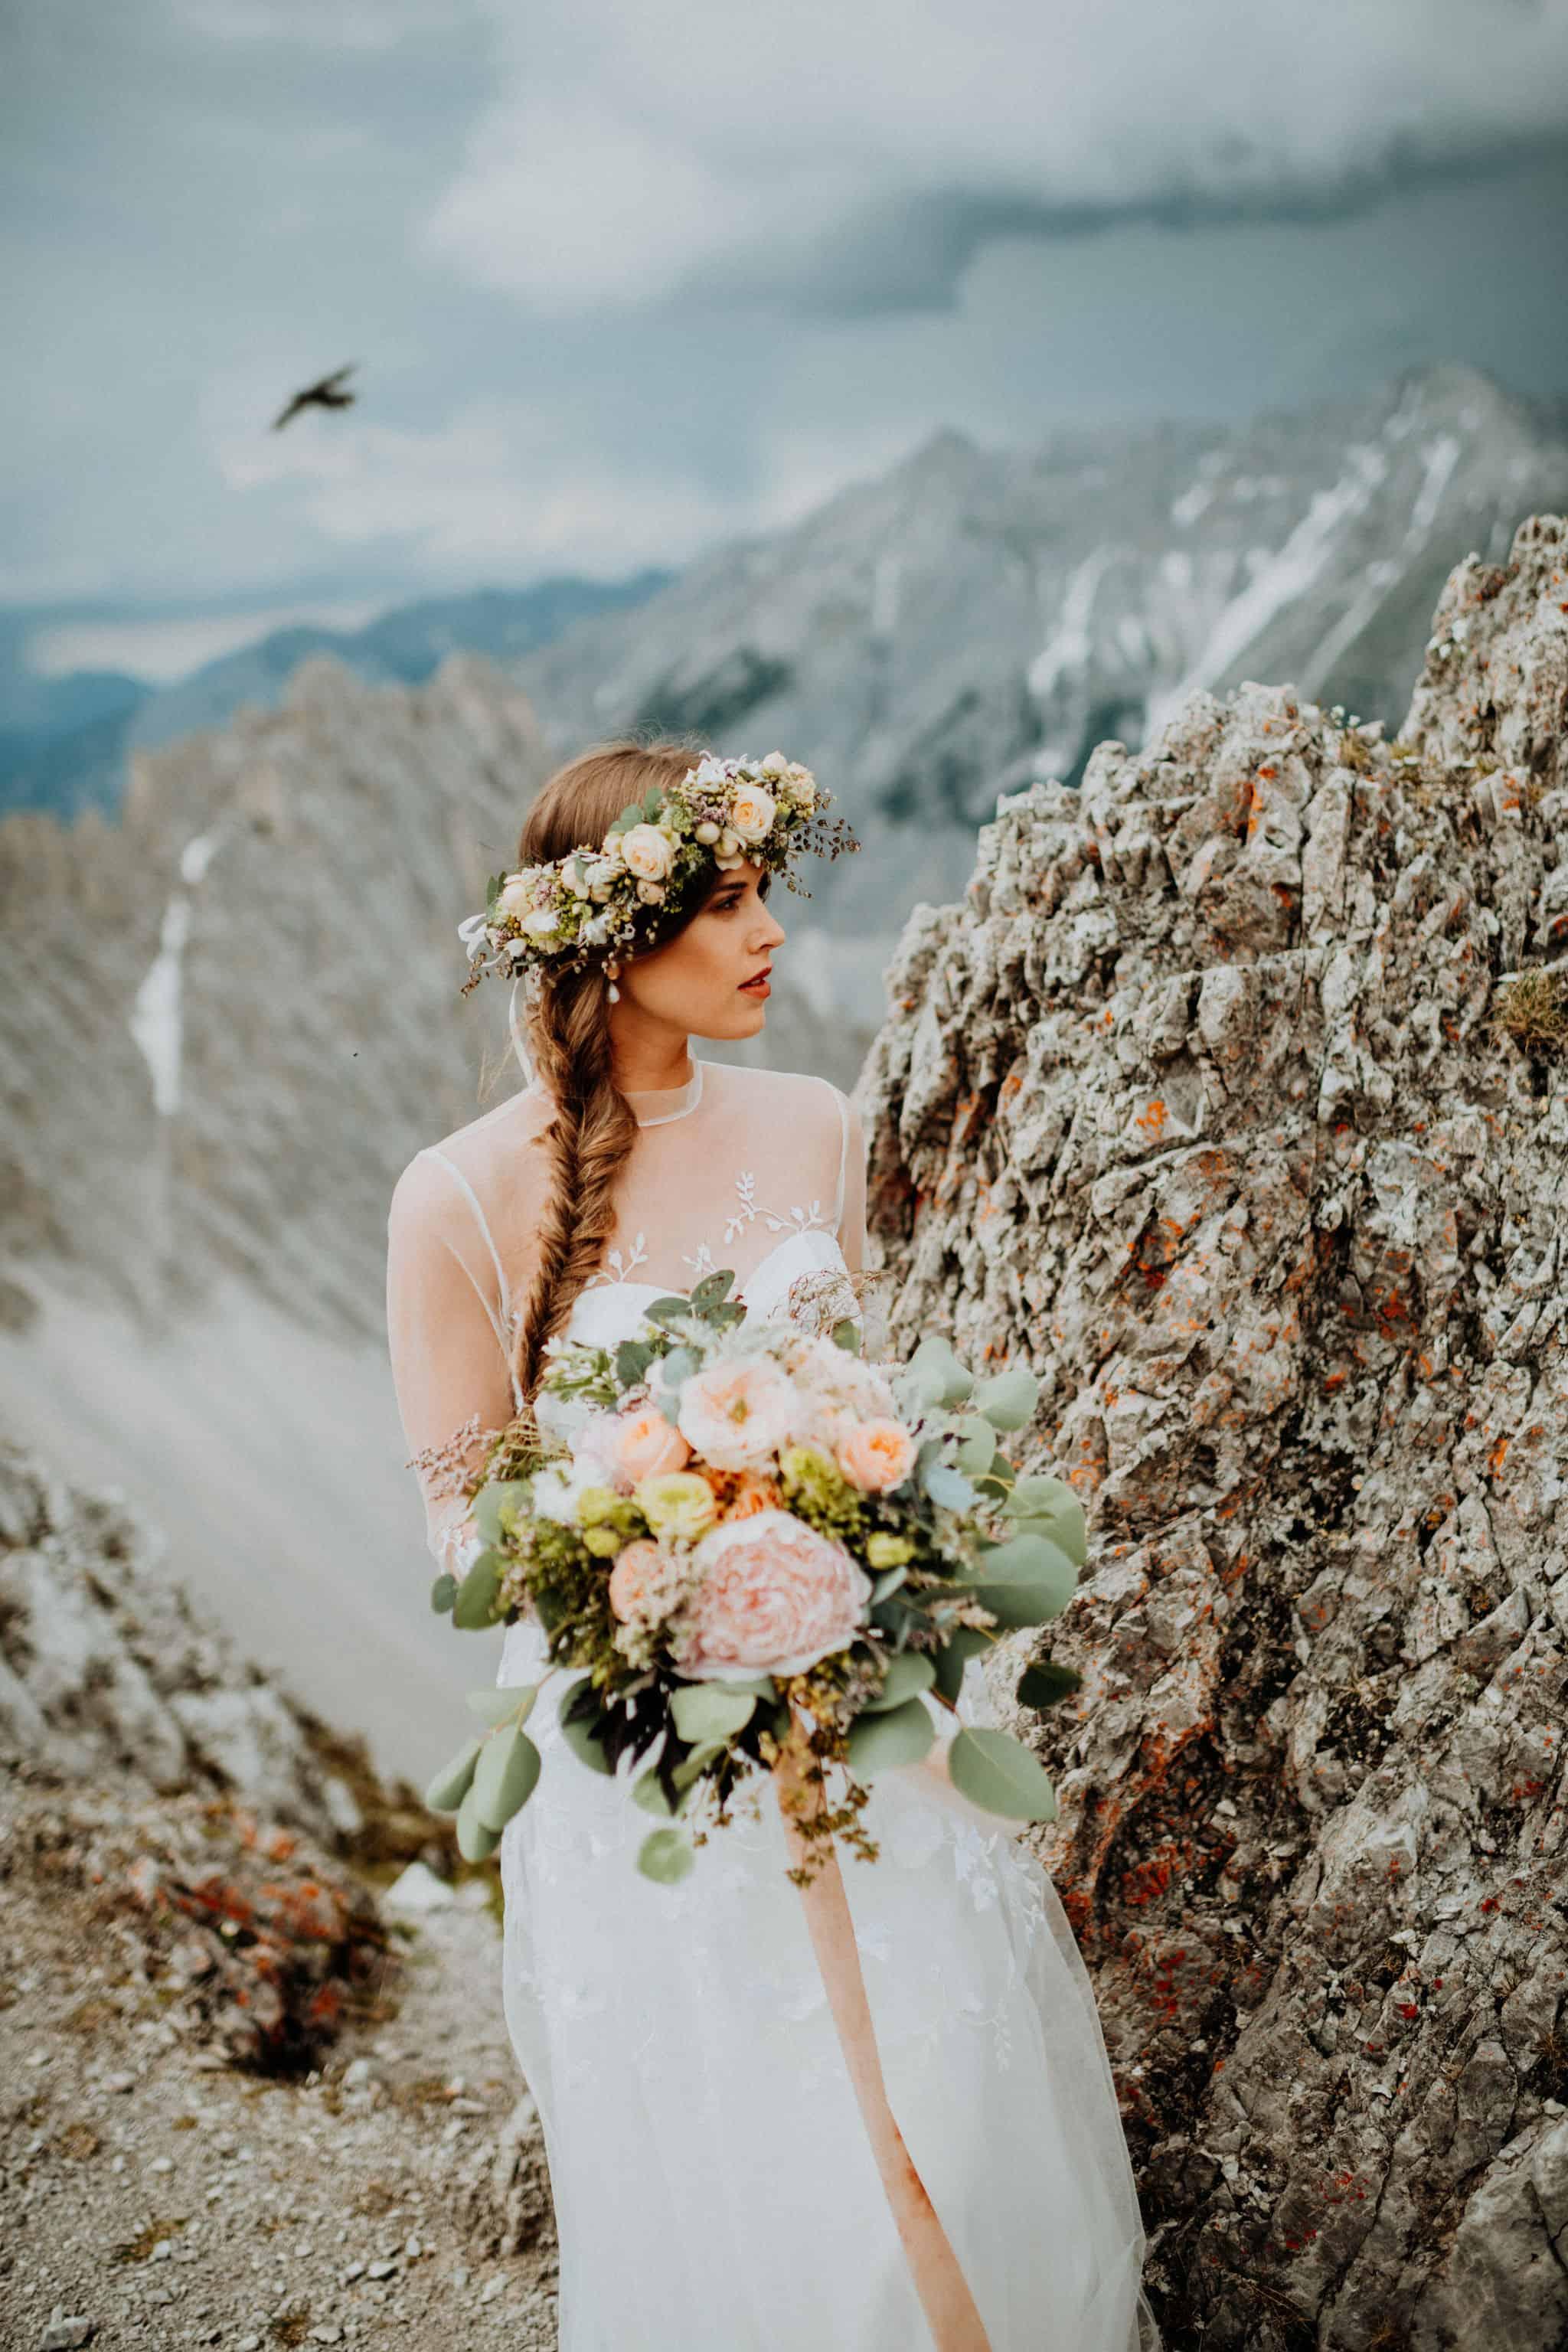 Hochzeitsinspiration Alpenglanz - Heiraten in den Bergen: Brautshooting